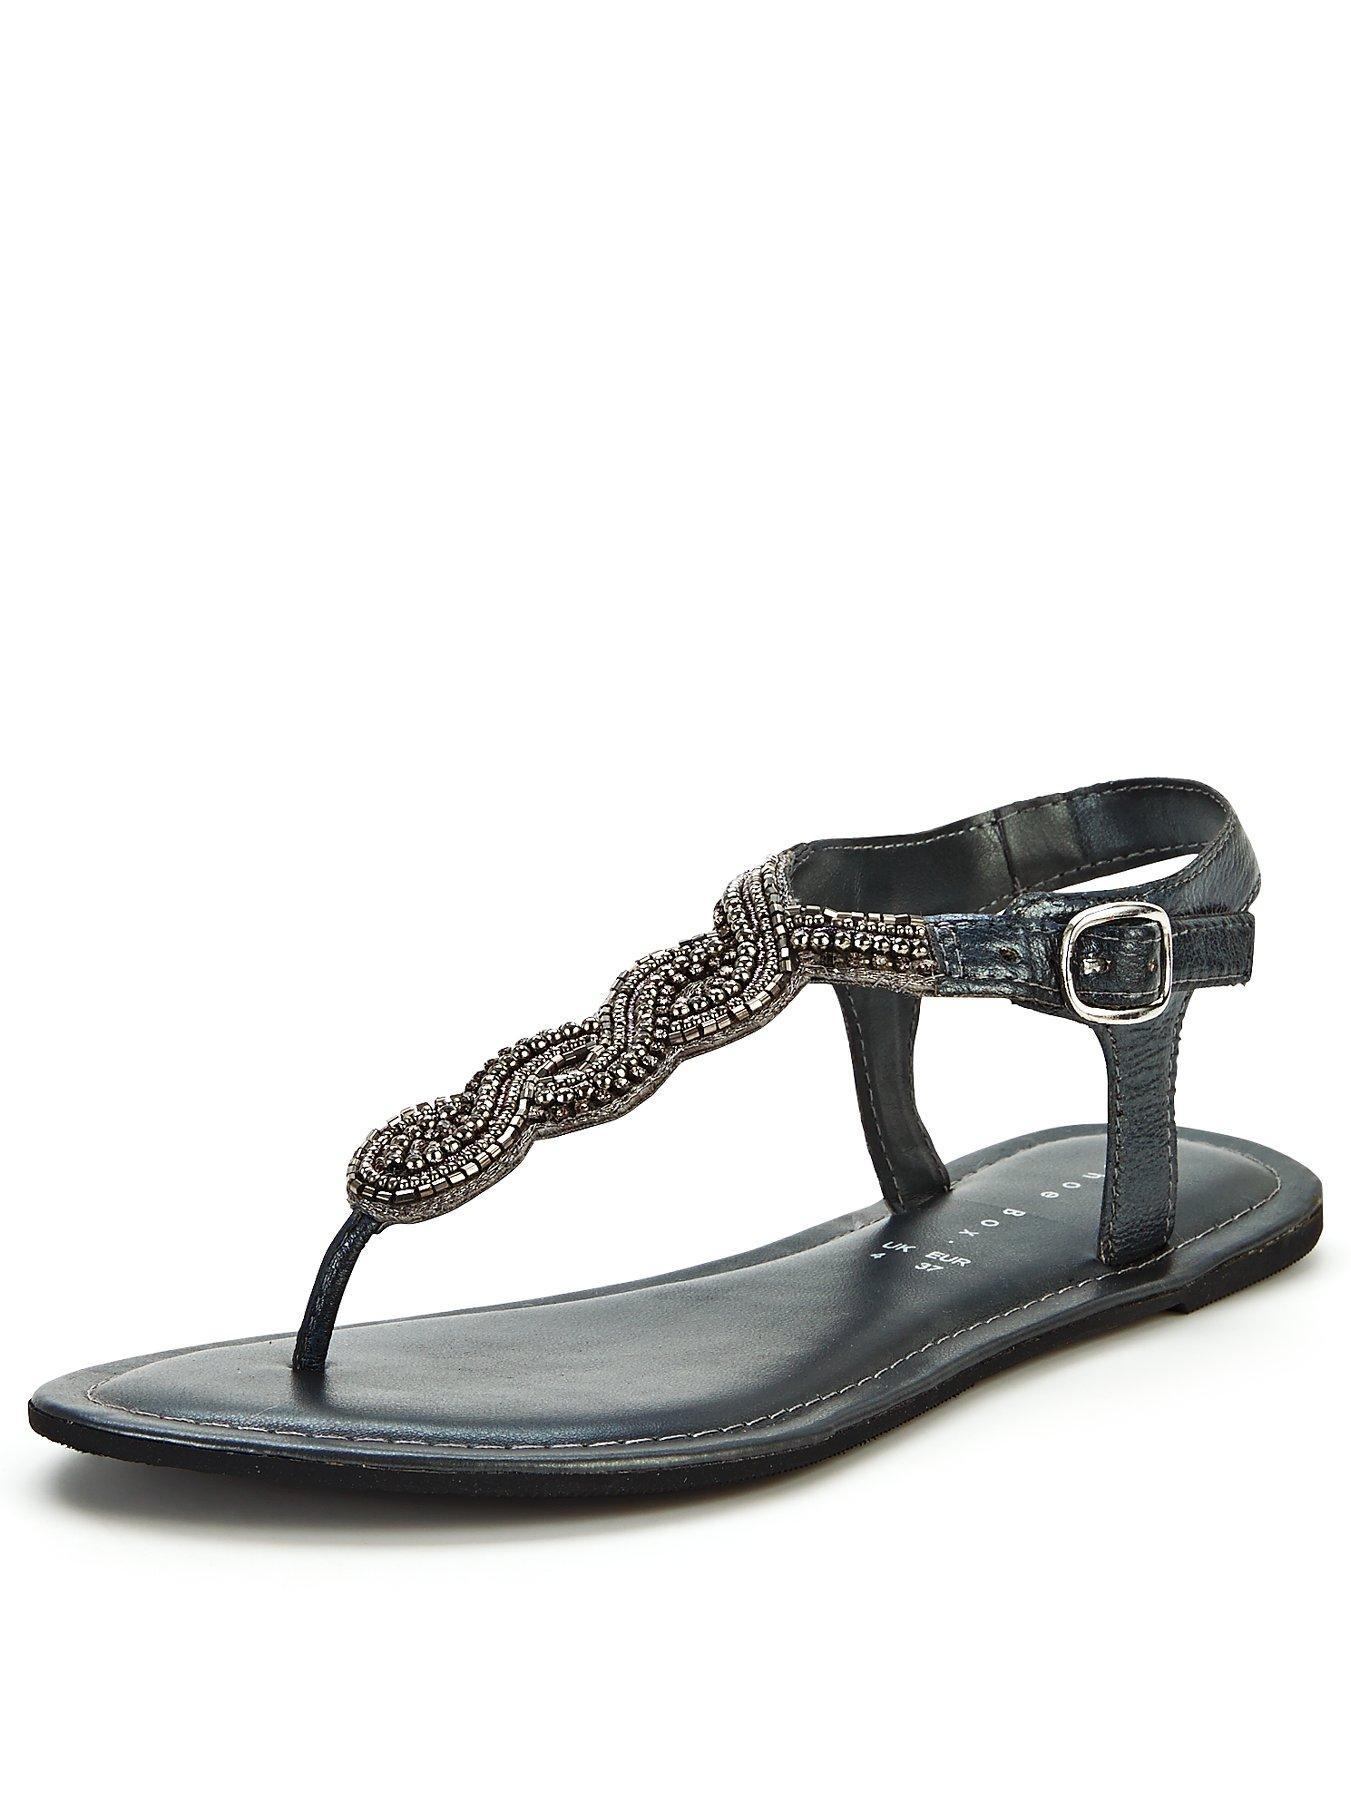 Black sandals littlewoods - Shoe Box Rae Embellished Twist Toe Post Sandals